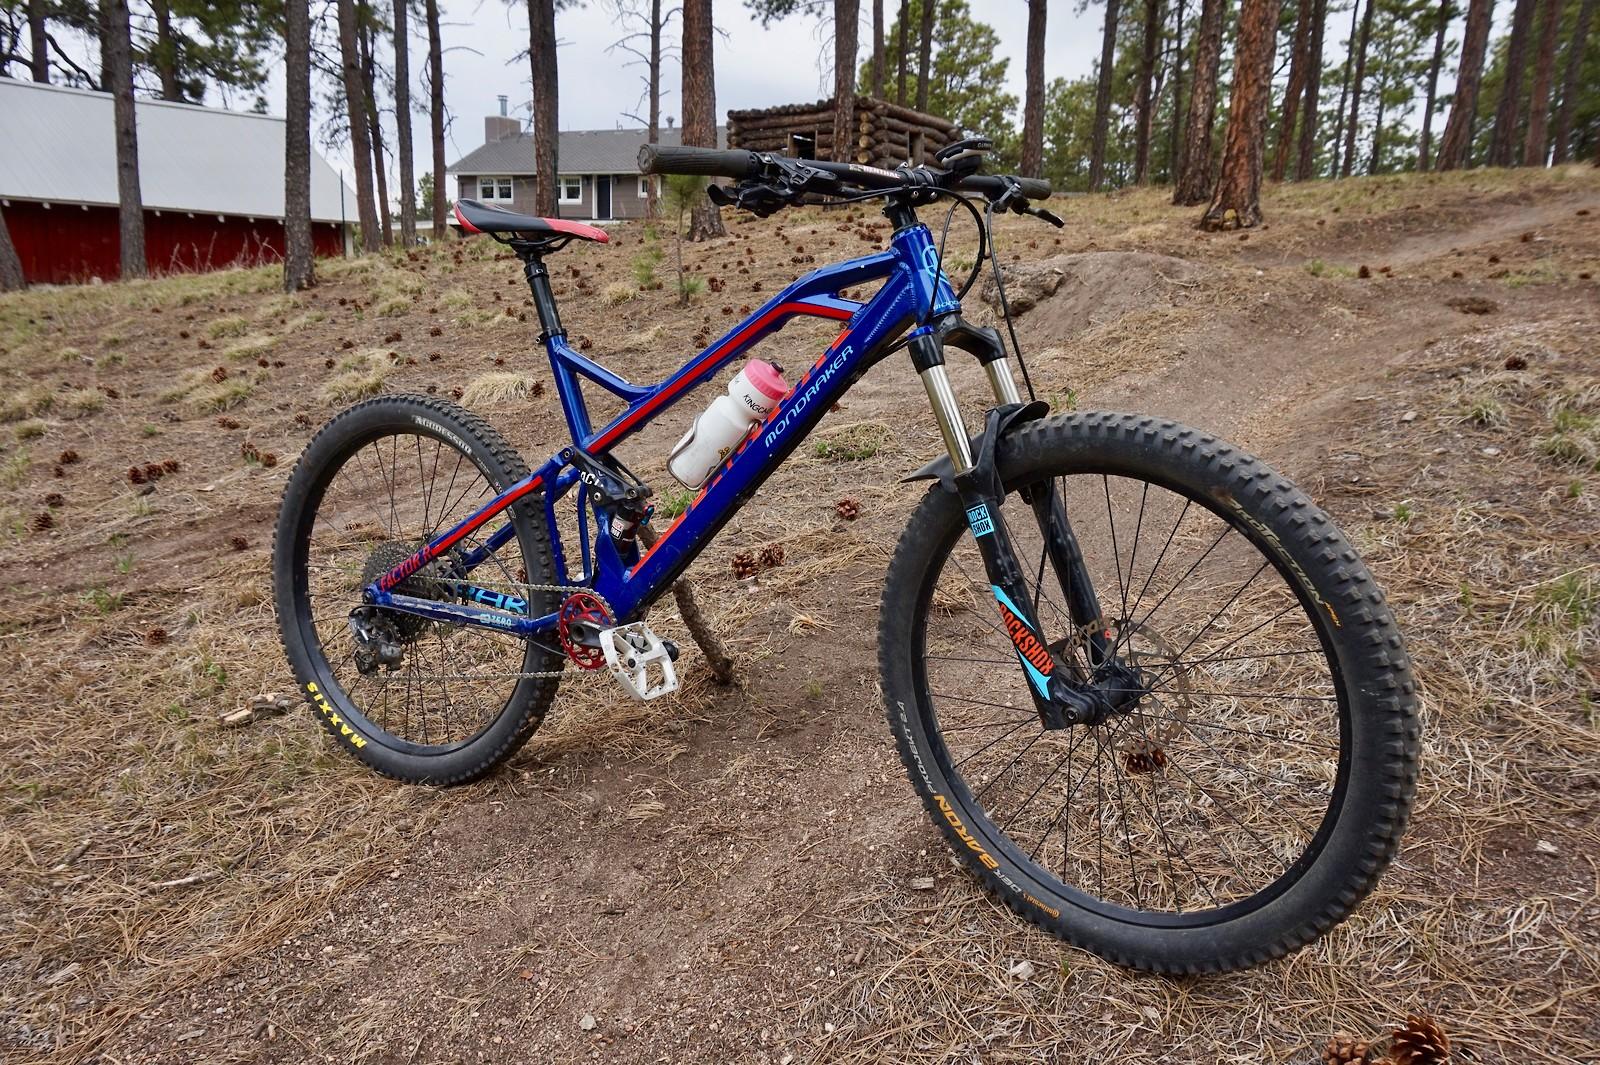 Mondraker Factor R Bike Check